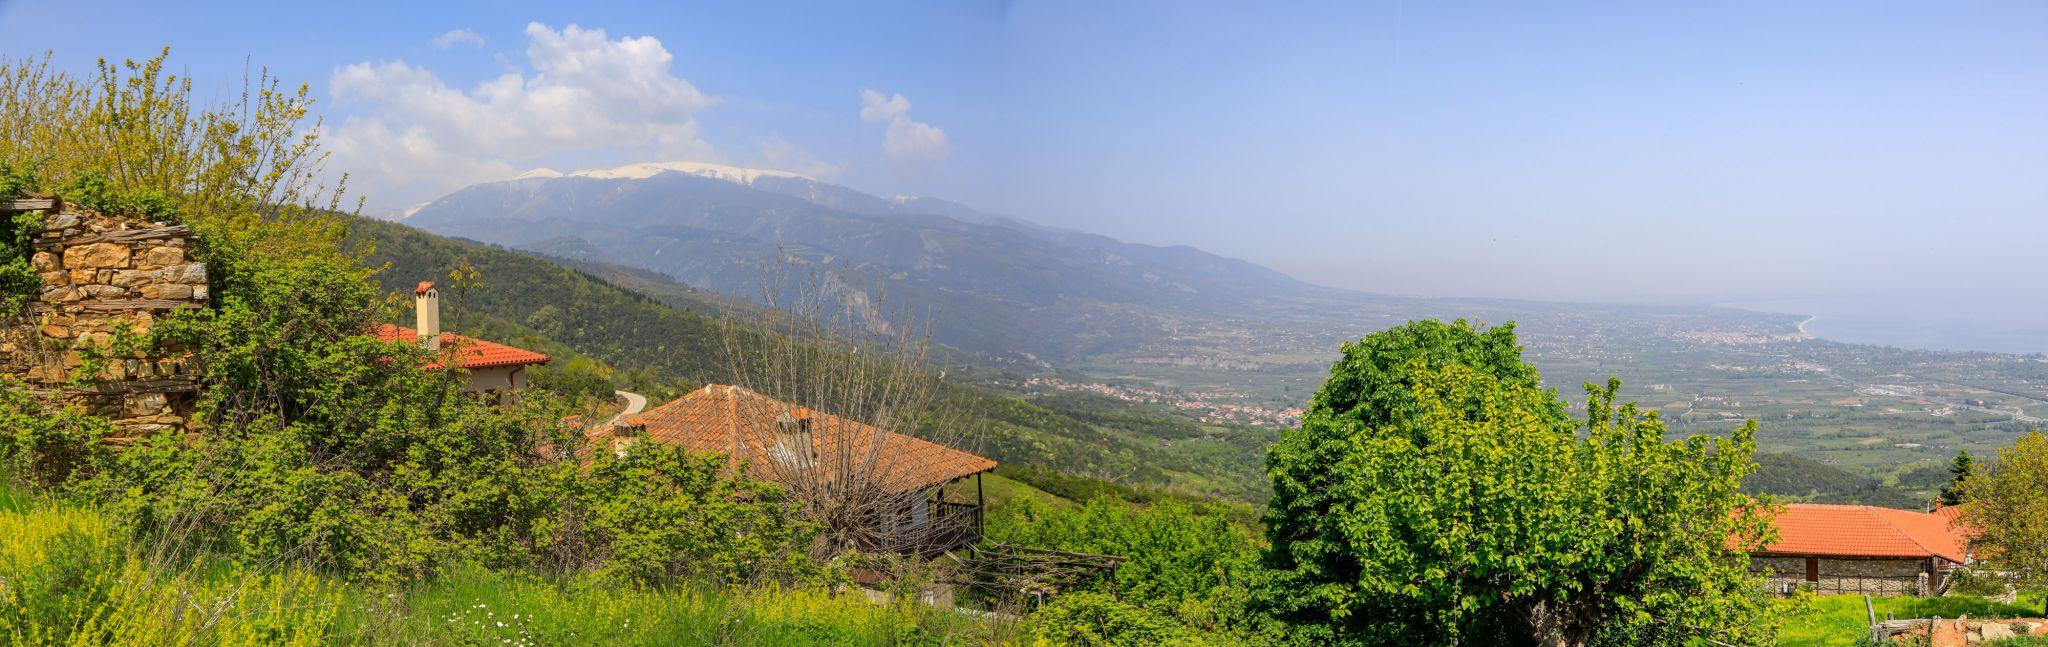 Blick auf dem Olymp von Panteleimonas, Greece